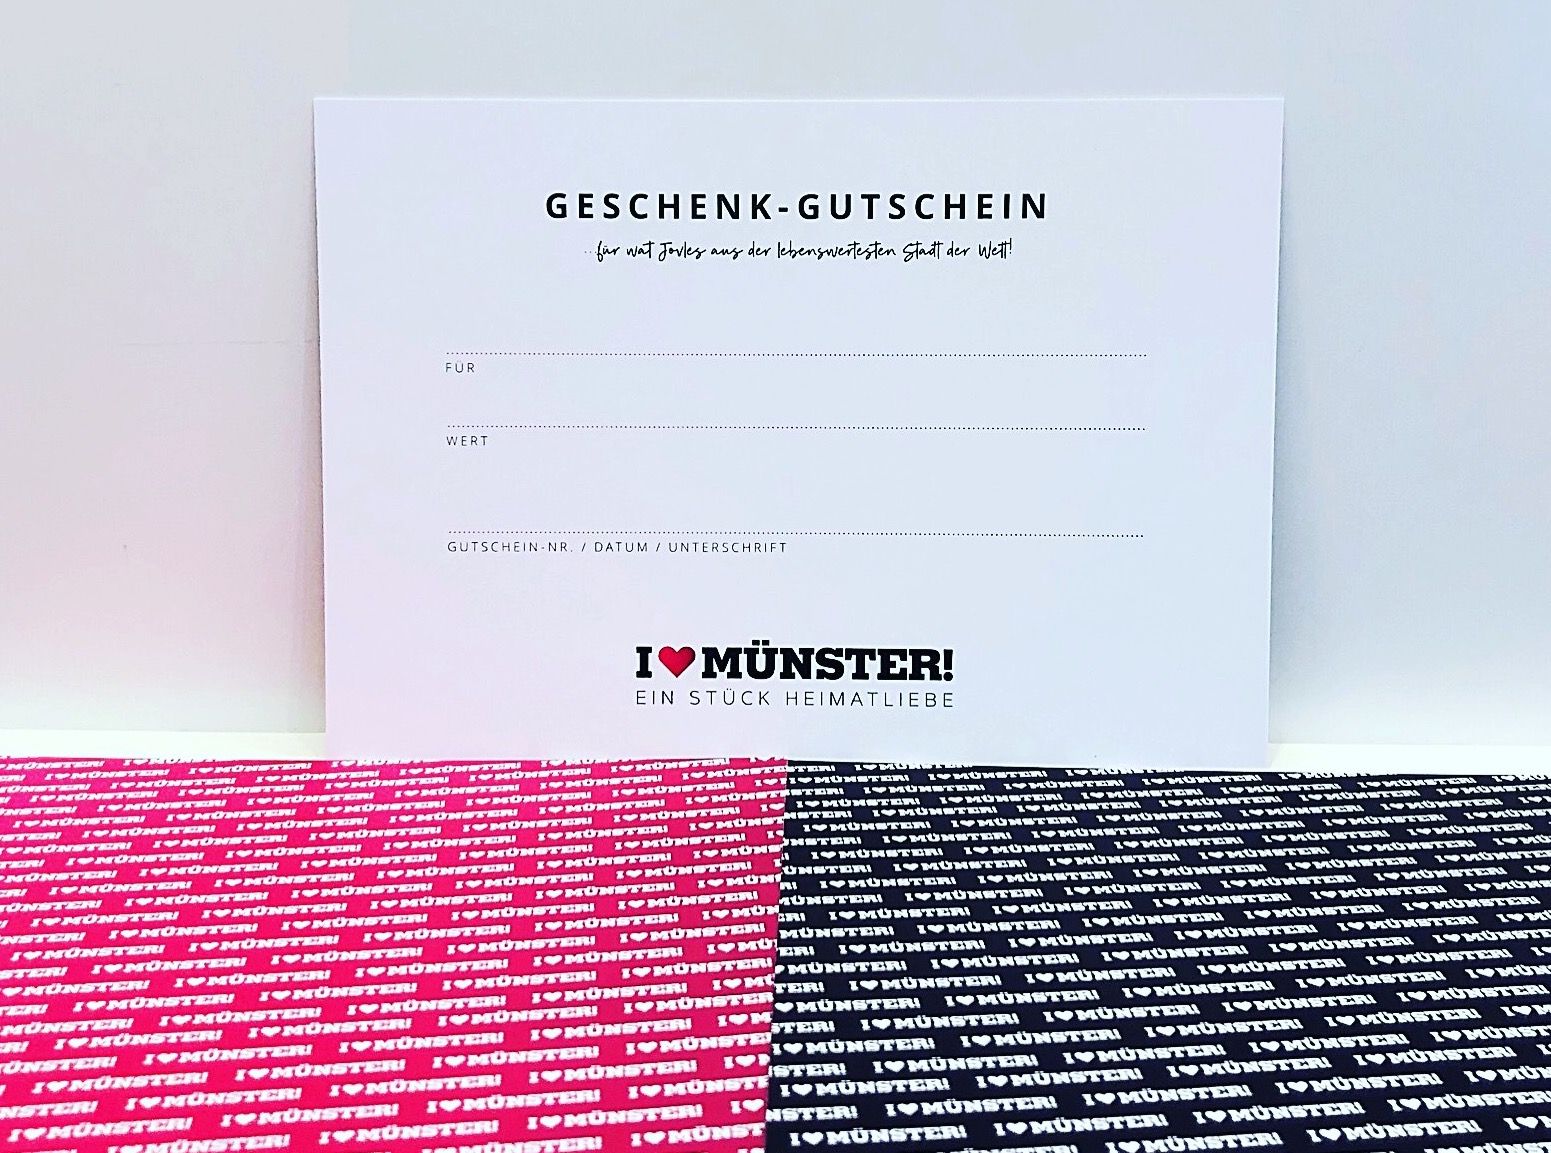 Geschenk-Gutschein Seegers, Blau